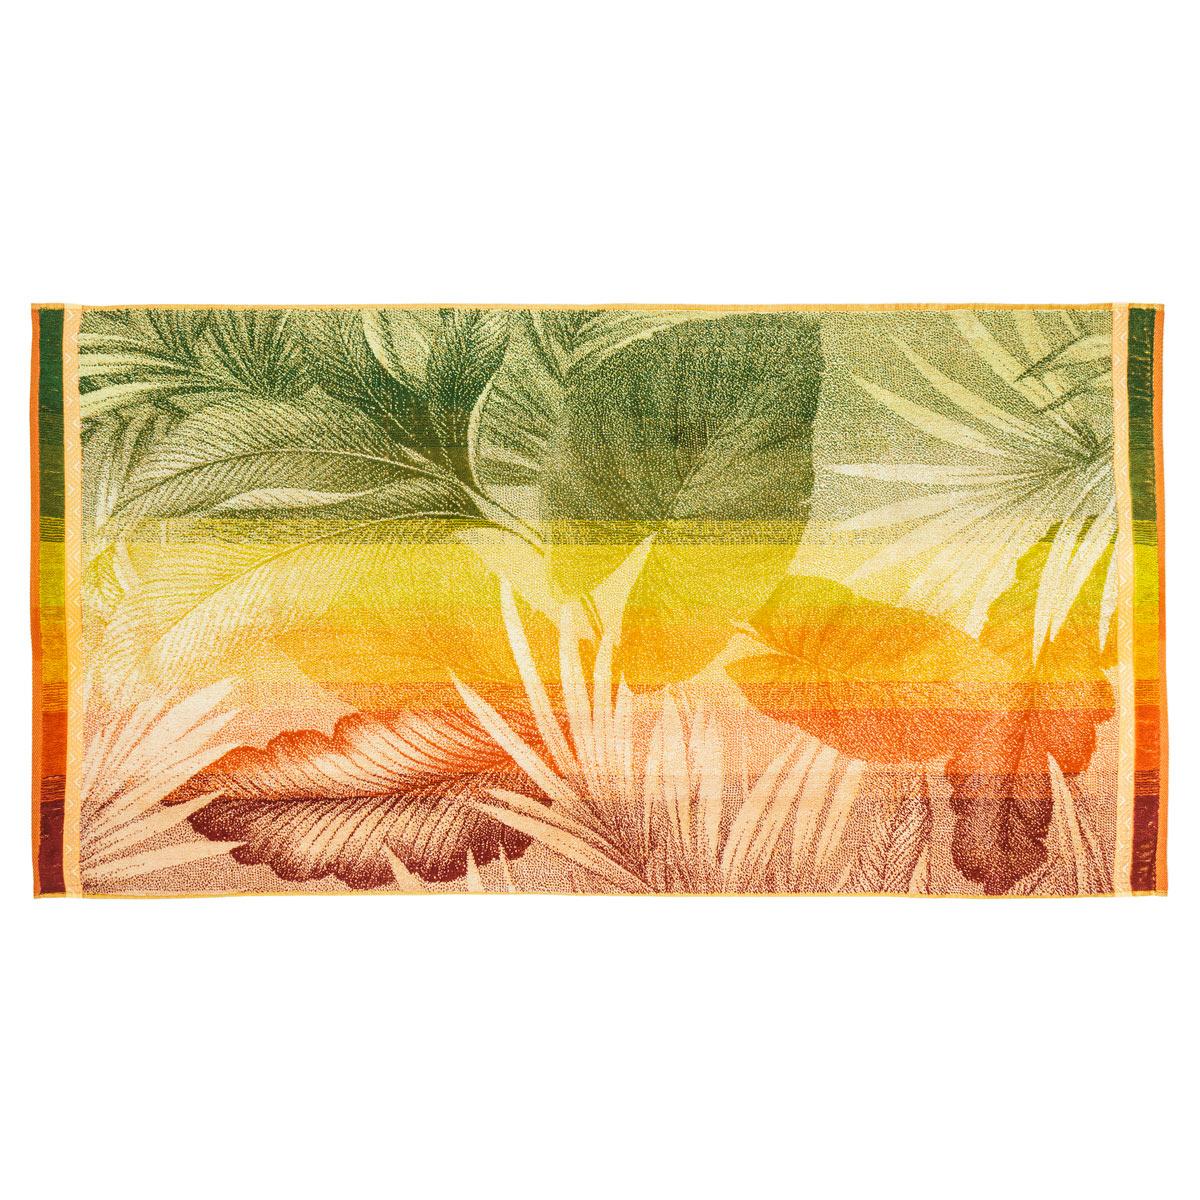 Полотенце Фиджи р. 70х140Махровые полотенца<br><br><br>Тип: Полотенце<br>Размер: 70х140<br>Материал: Махра